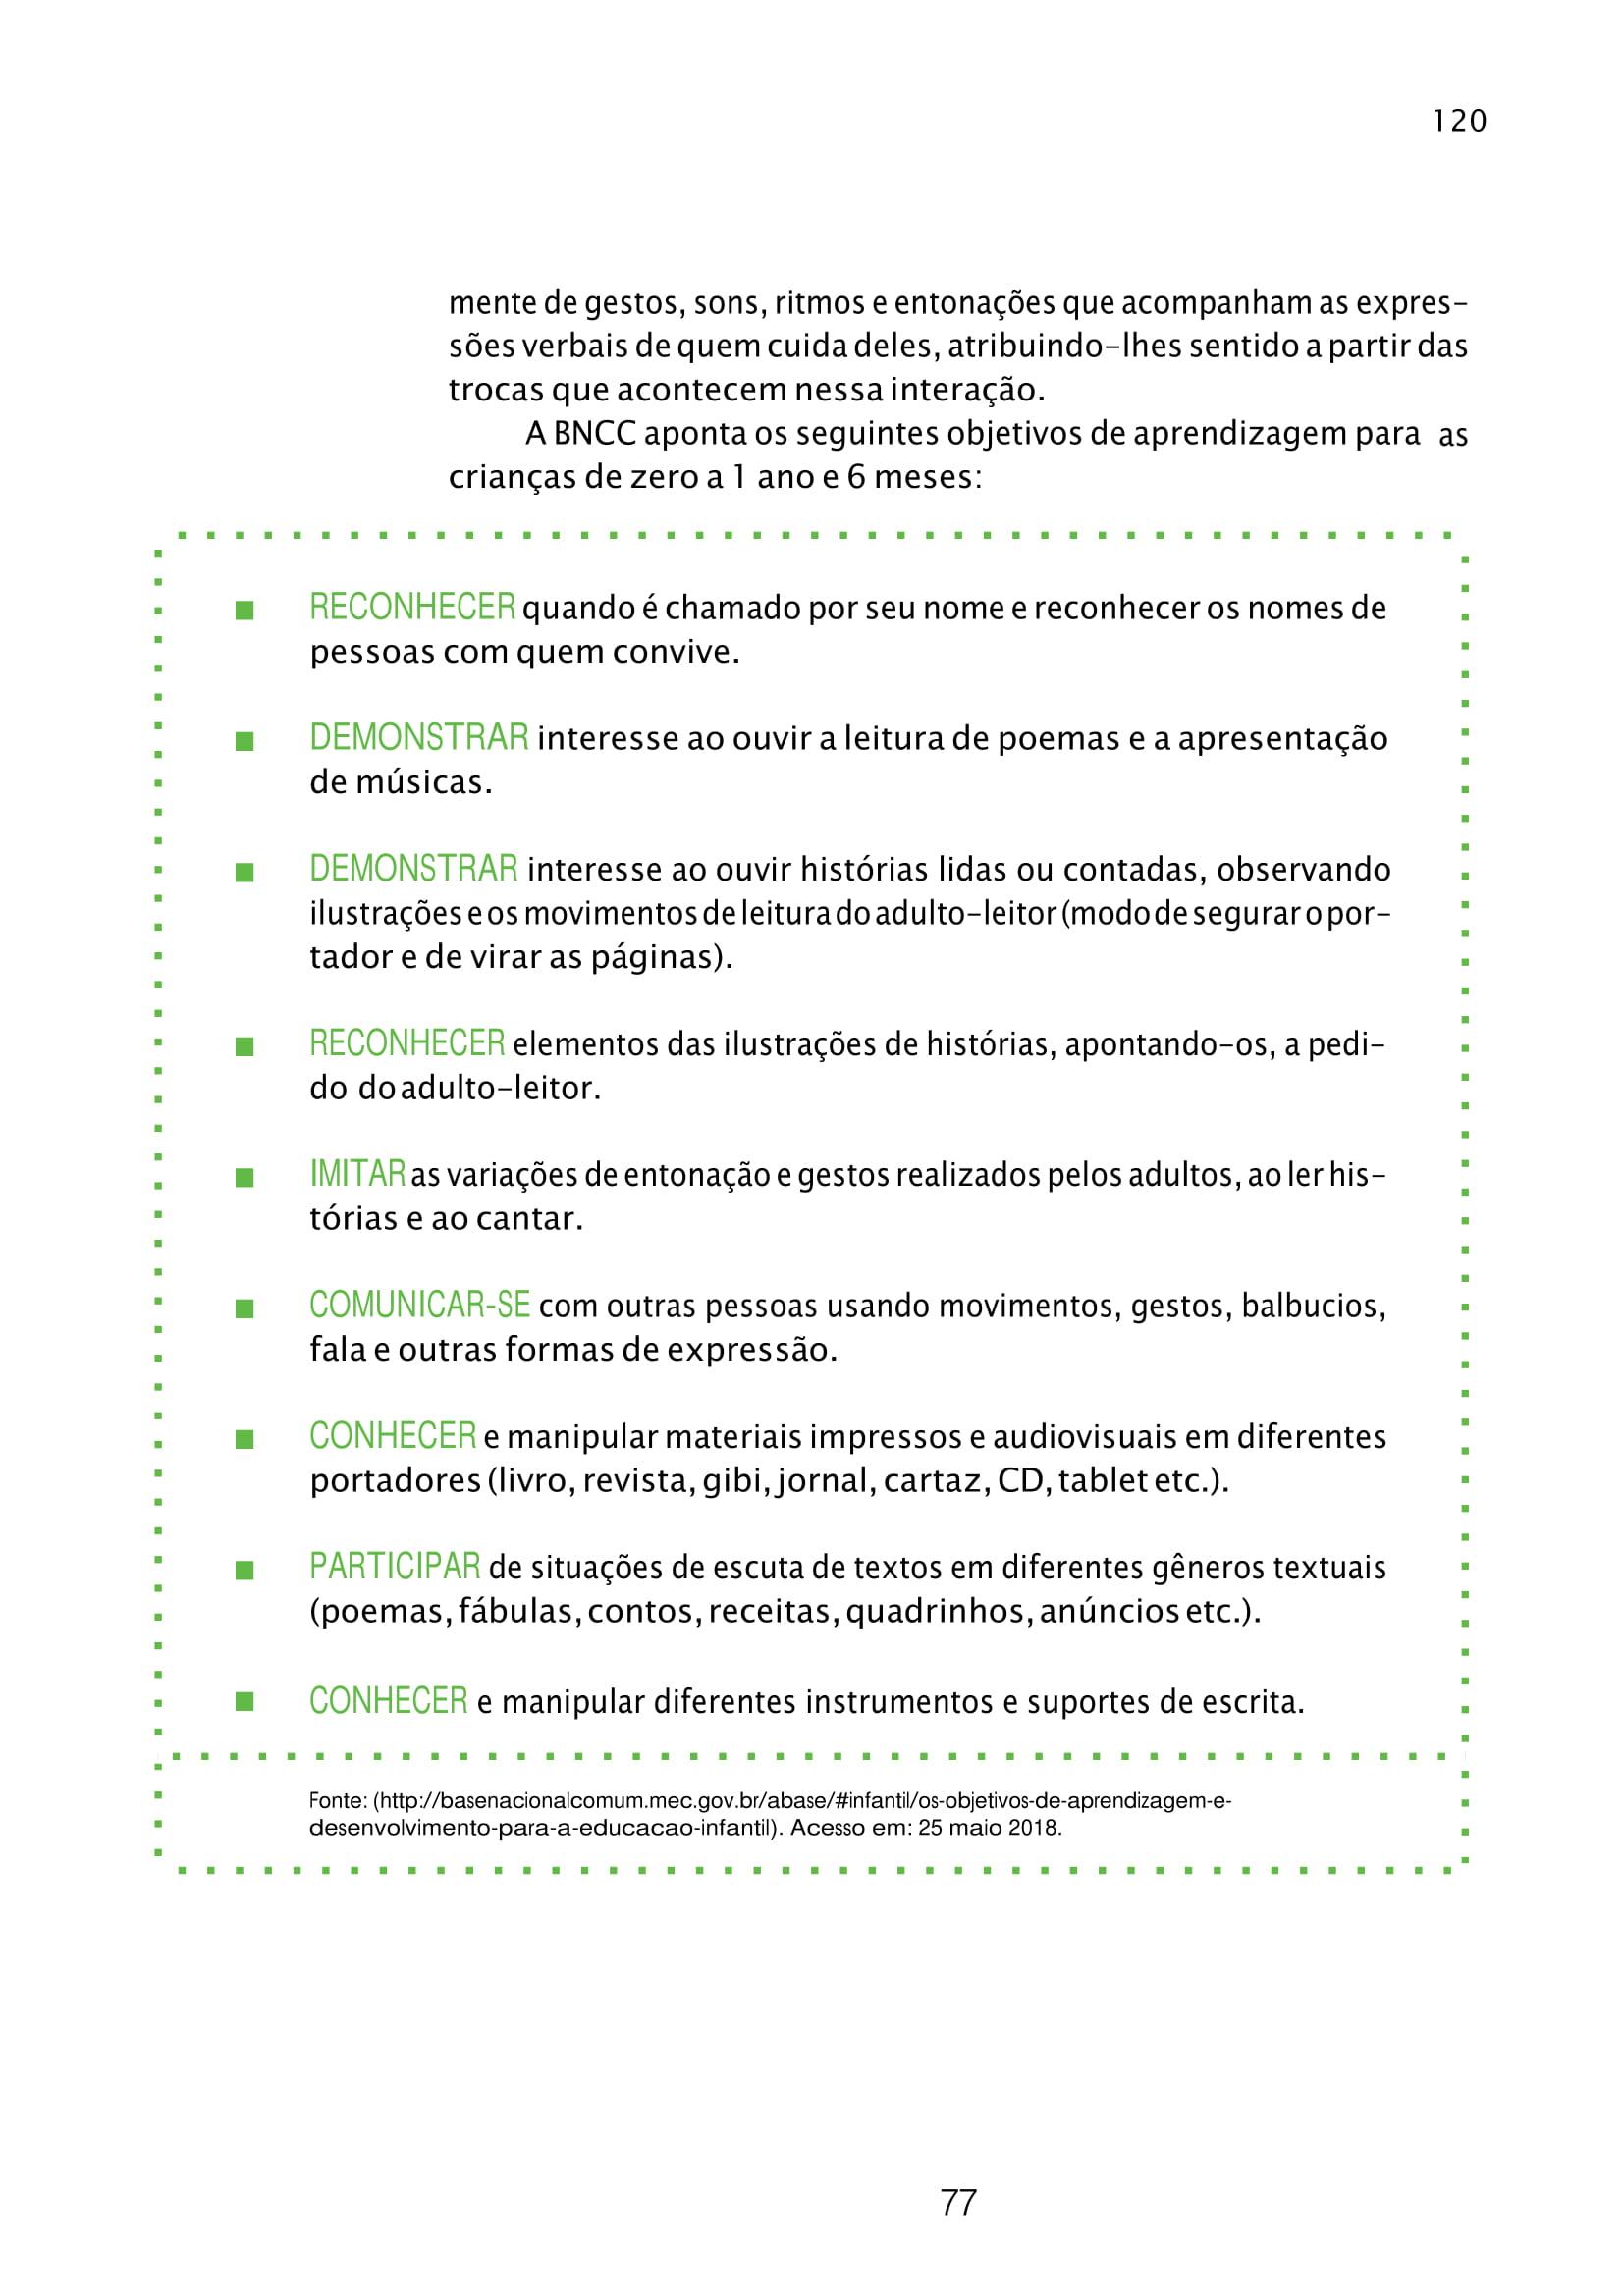 planejamento-educação-infantil-bncc-geral-150